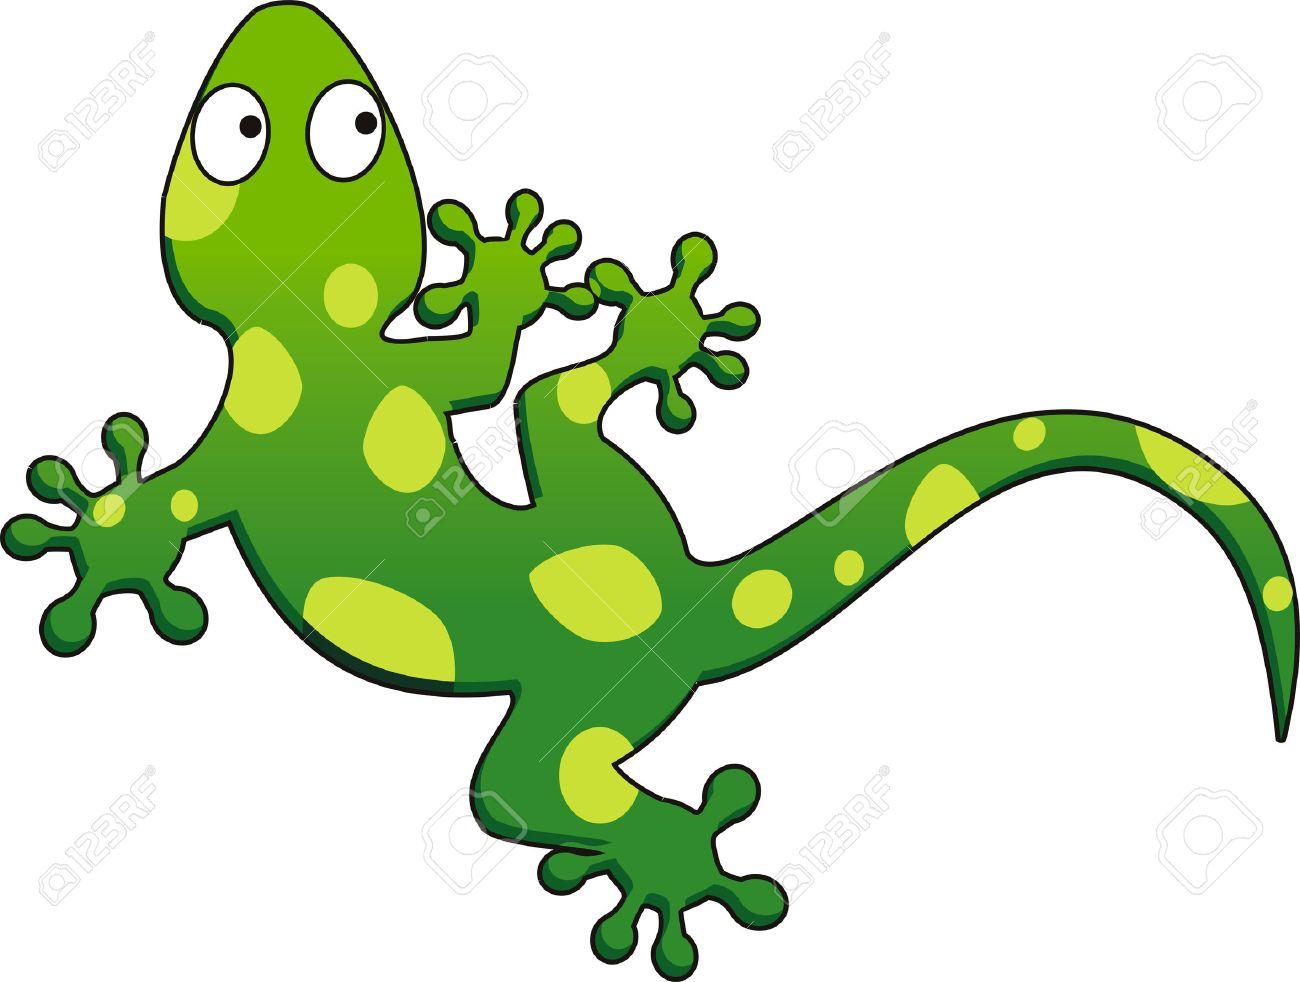 緑色のヤモリのベクトル イラストのイラスト素材ベクタ Image 5386169